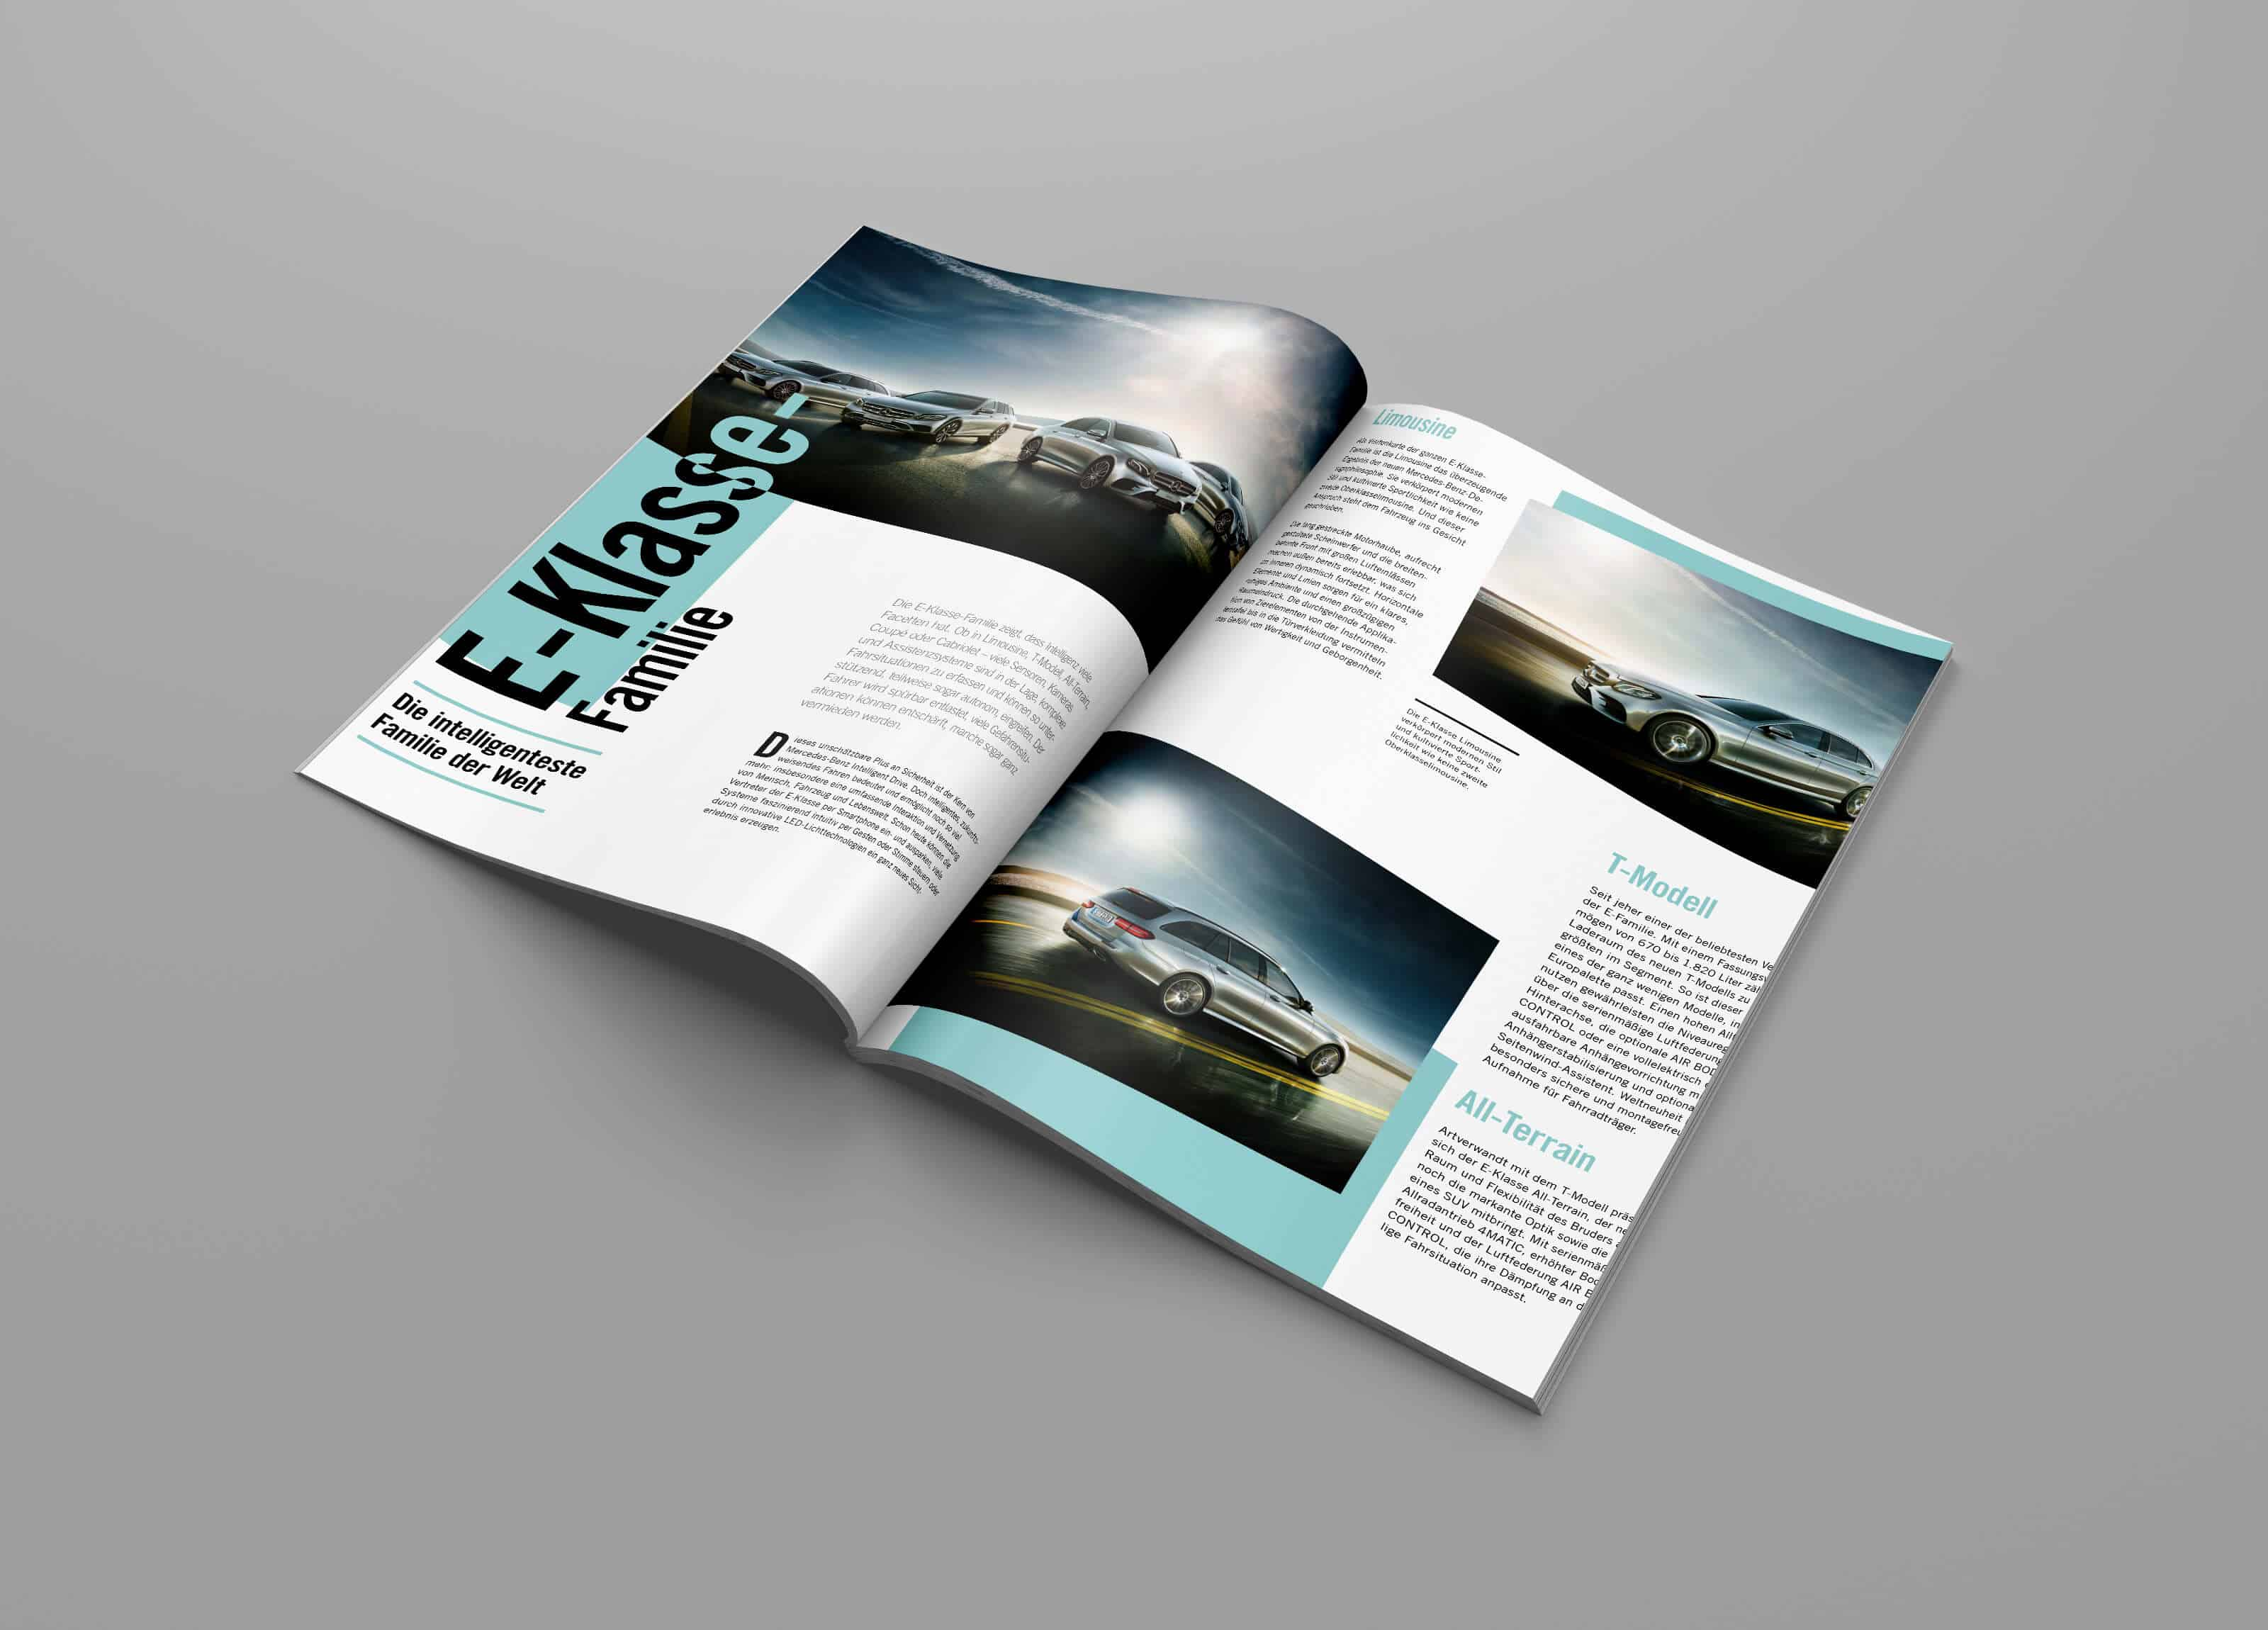 Schade-Kundenmagazin-1-klassische-werbung-referenz